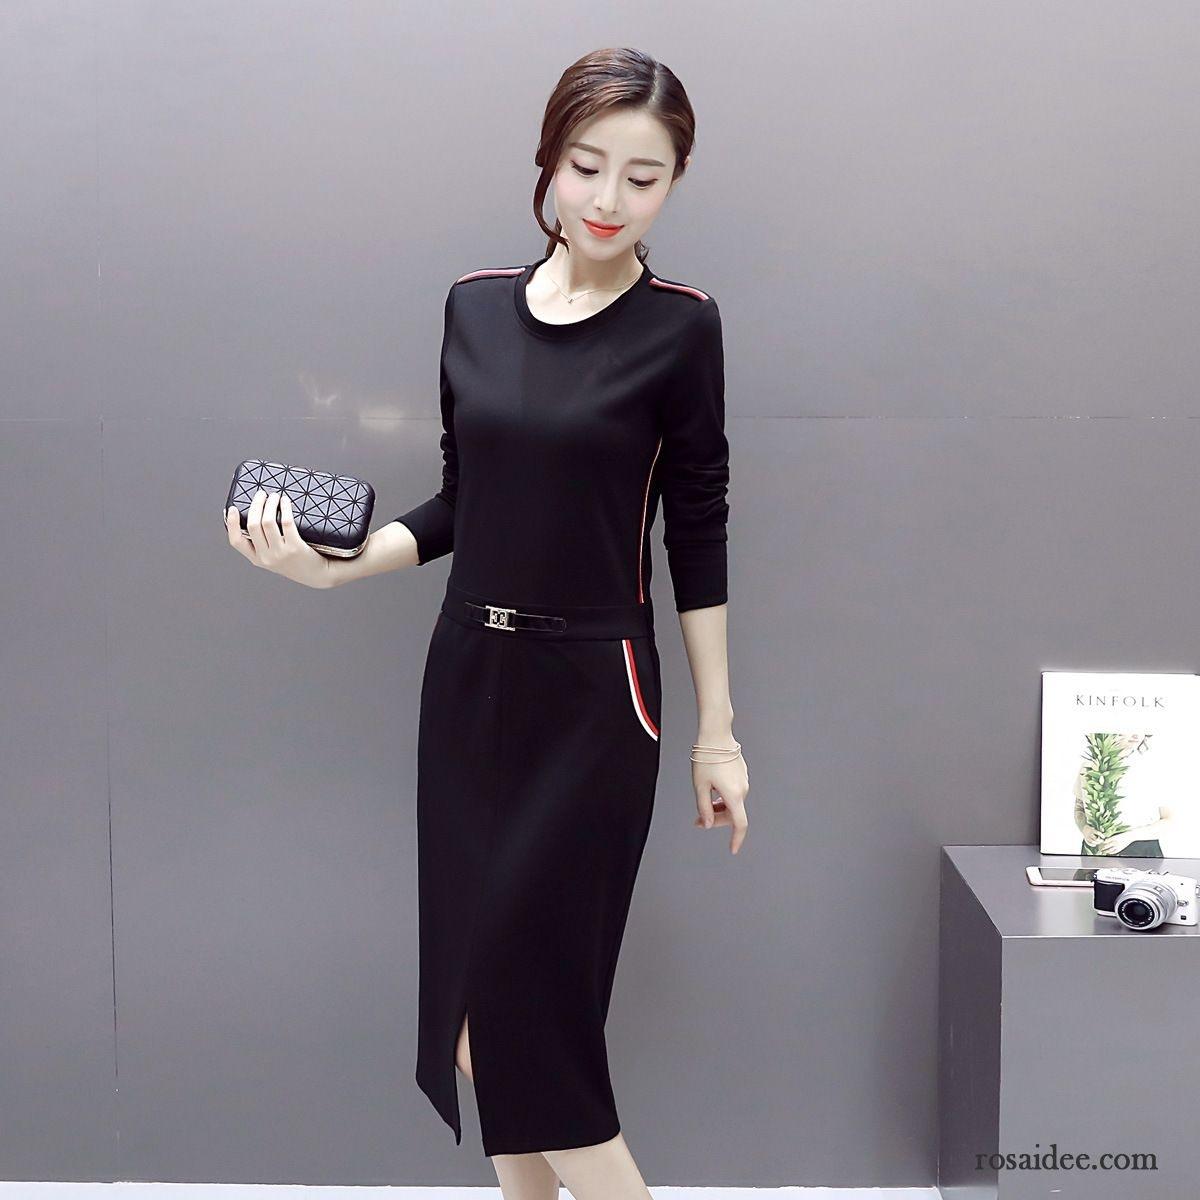 17 Einzigartig Schwarzes Kleid Mit Spitze Langarm Design Einzigartig Schwarzes Kleid Mit Spitze Langarm Bester Preis